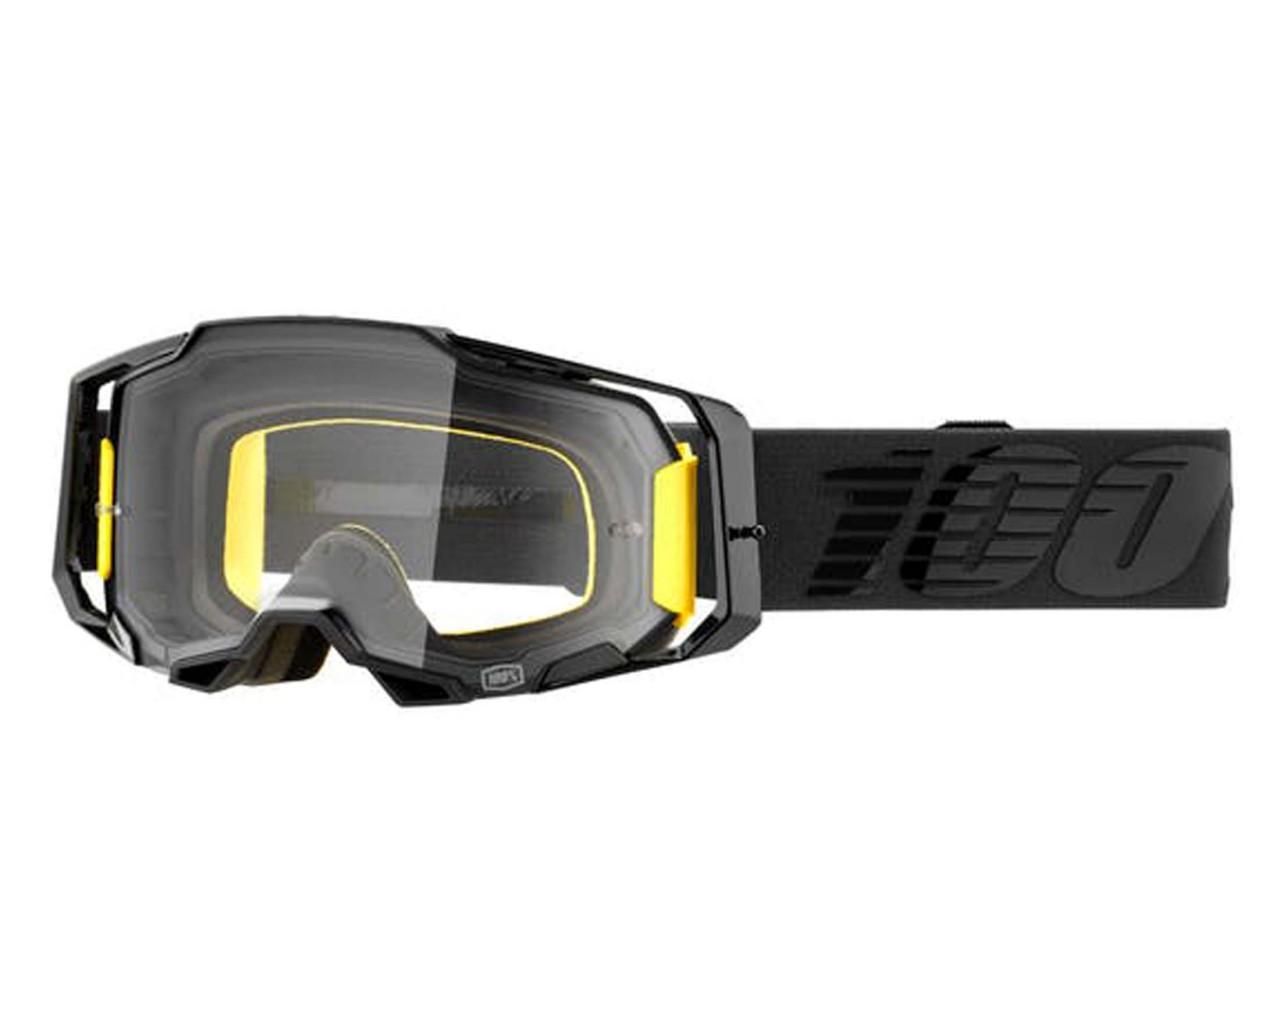 100% Armega Brille - Antibeschlag und Spiegelglas   Nightfall